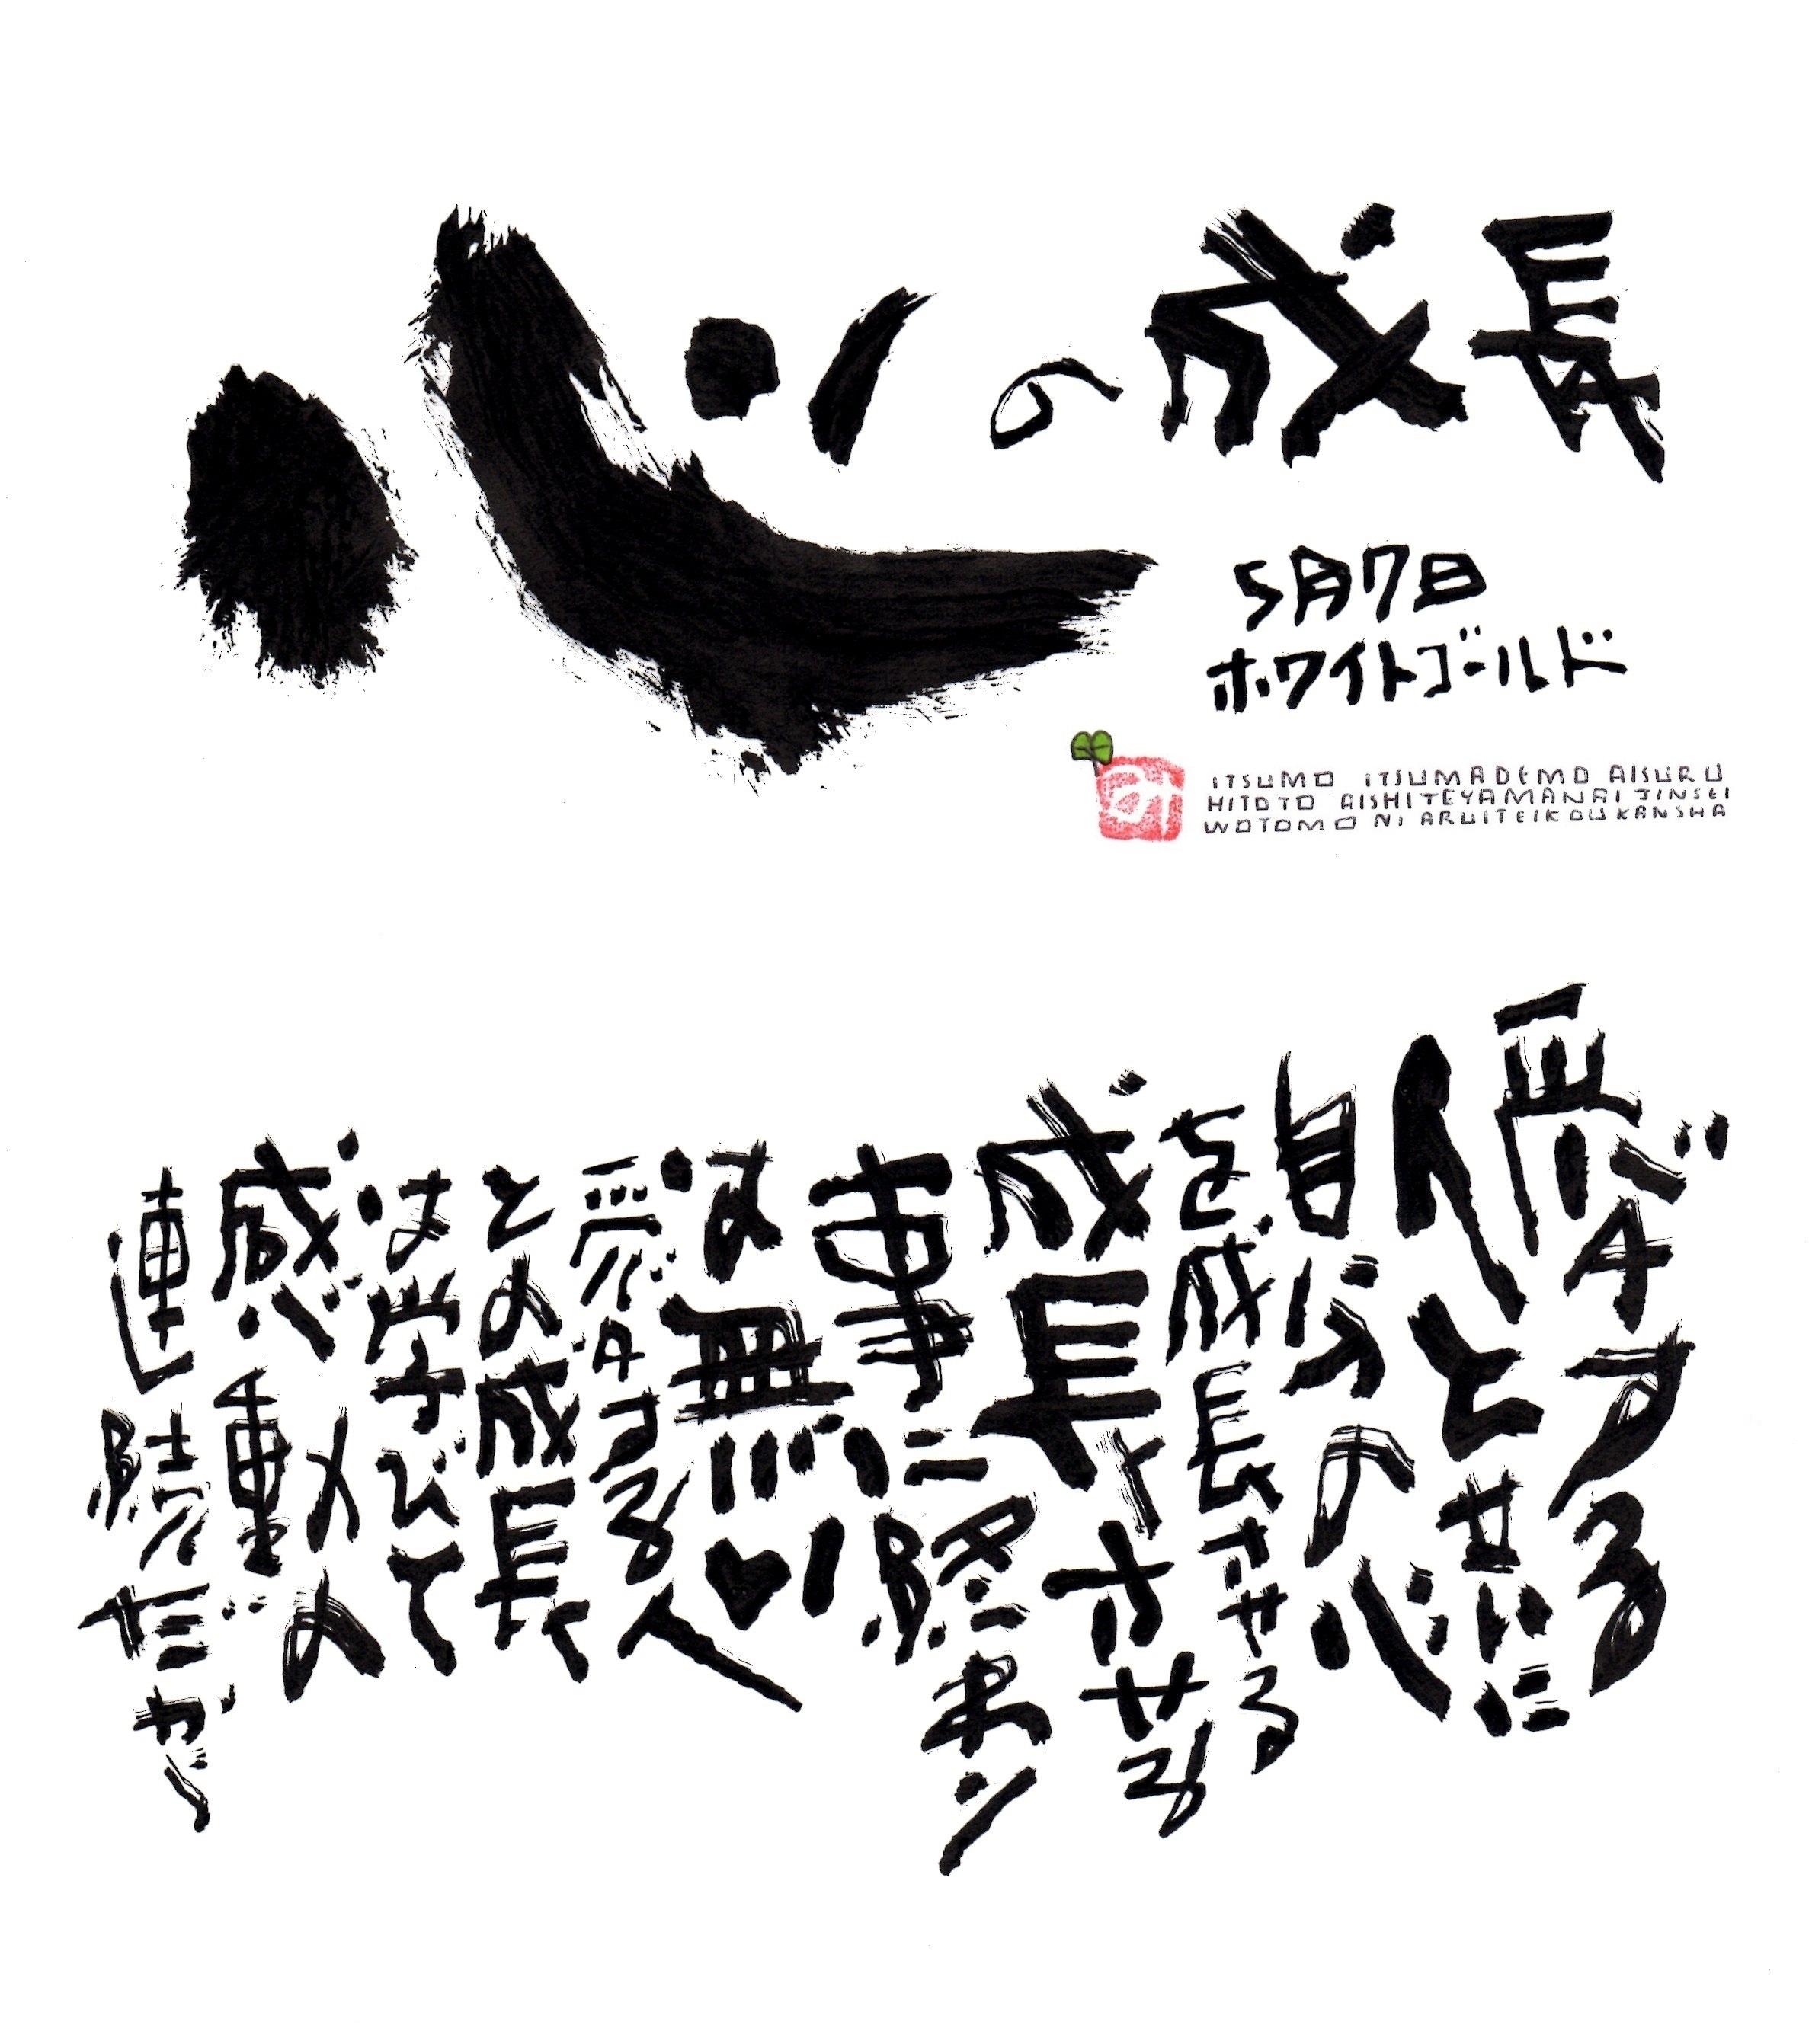 5月7日 結婚記念日ポストカード【心の成長】